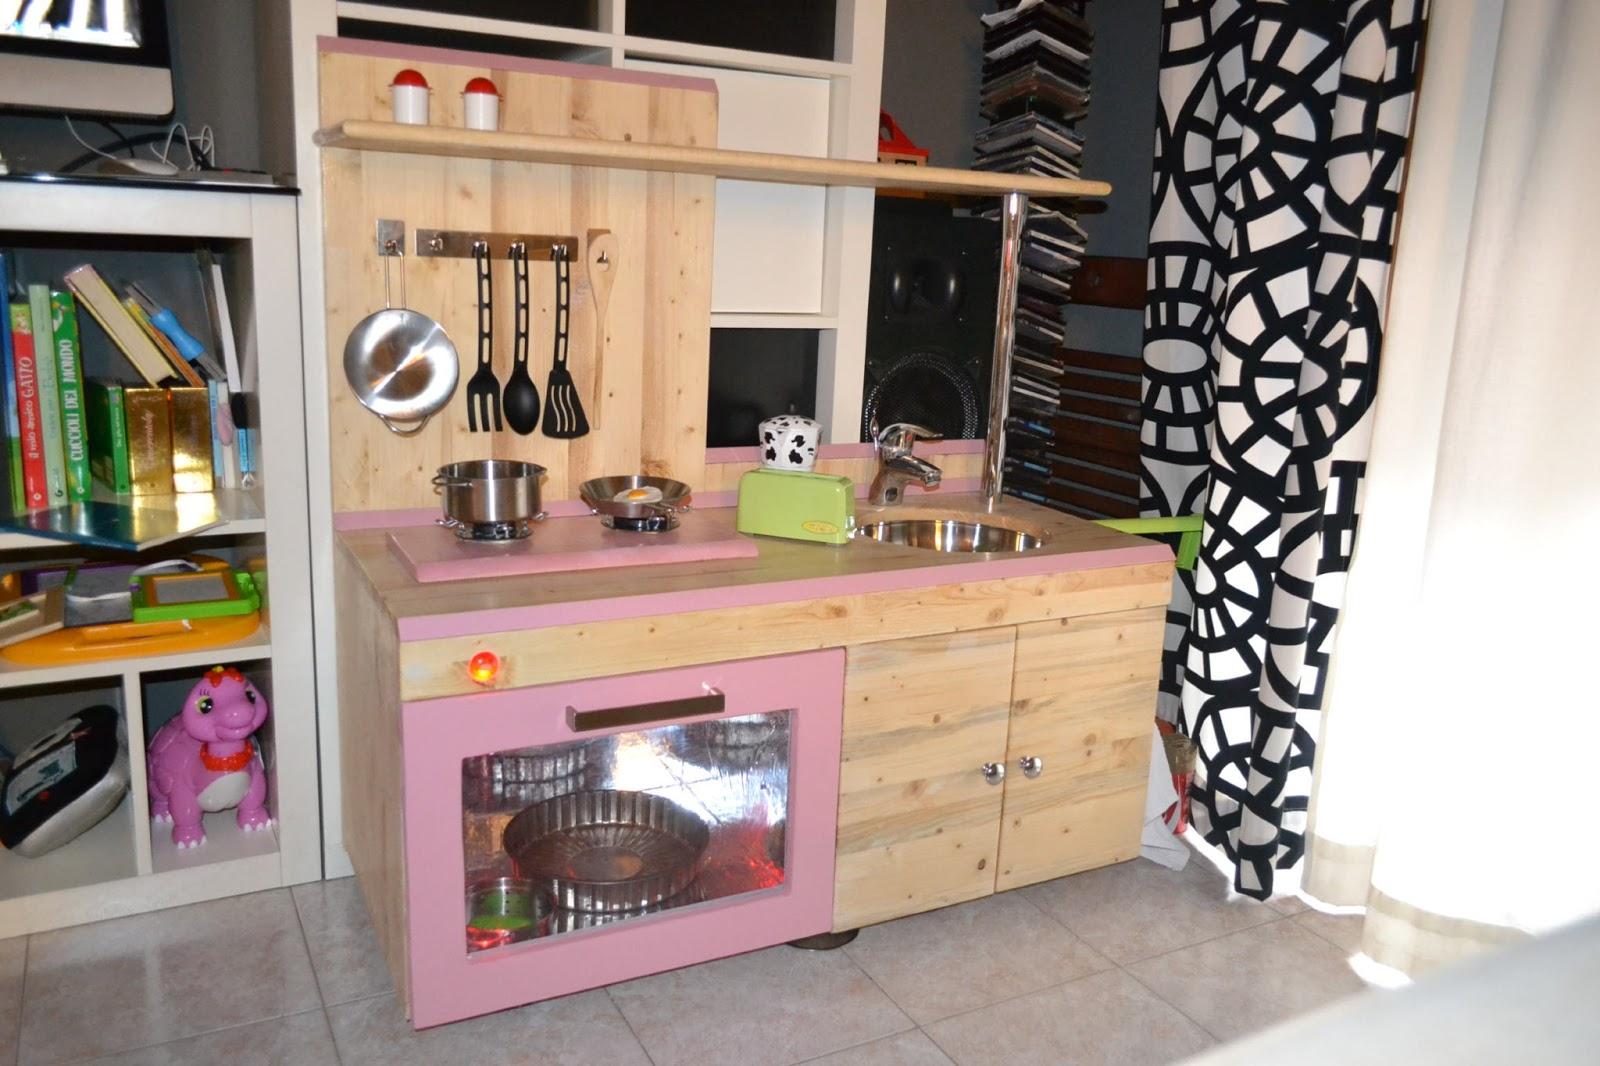 Creare una cucina giocattolo - Pomelli per mobili cucina ...